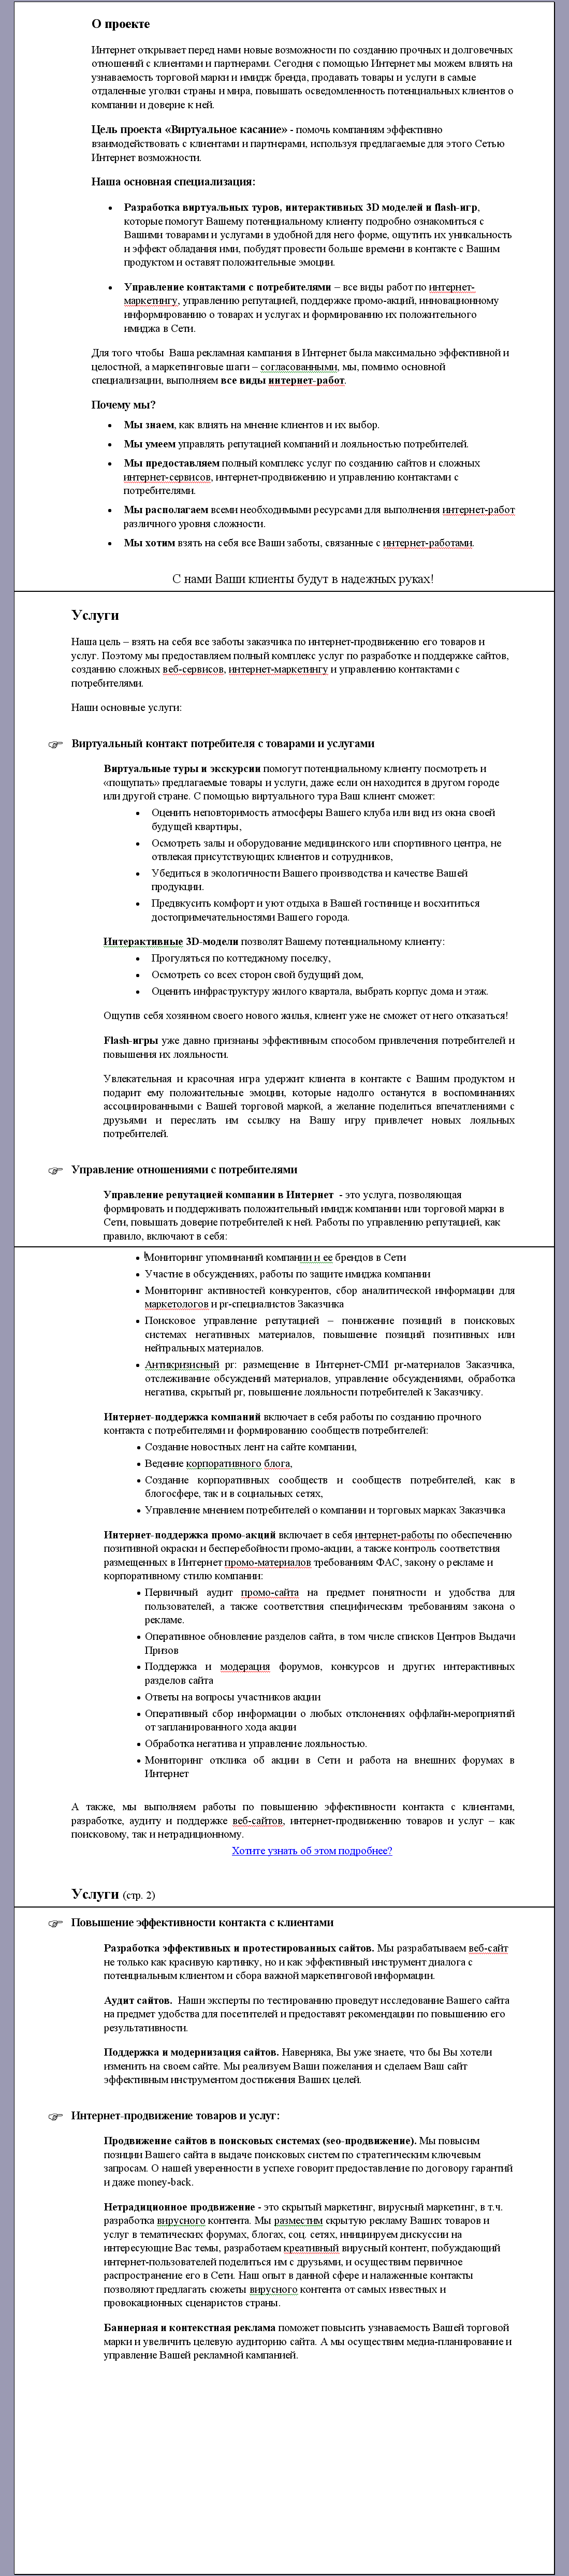 Тексты для сайта Vtouch